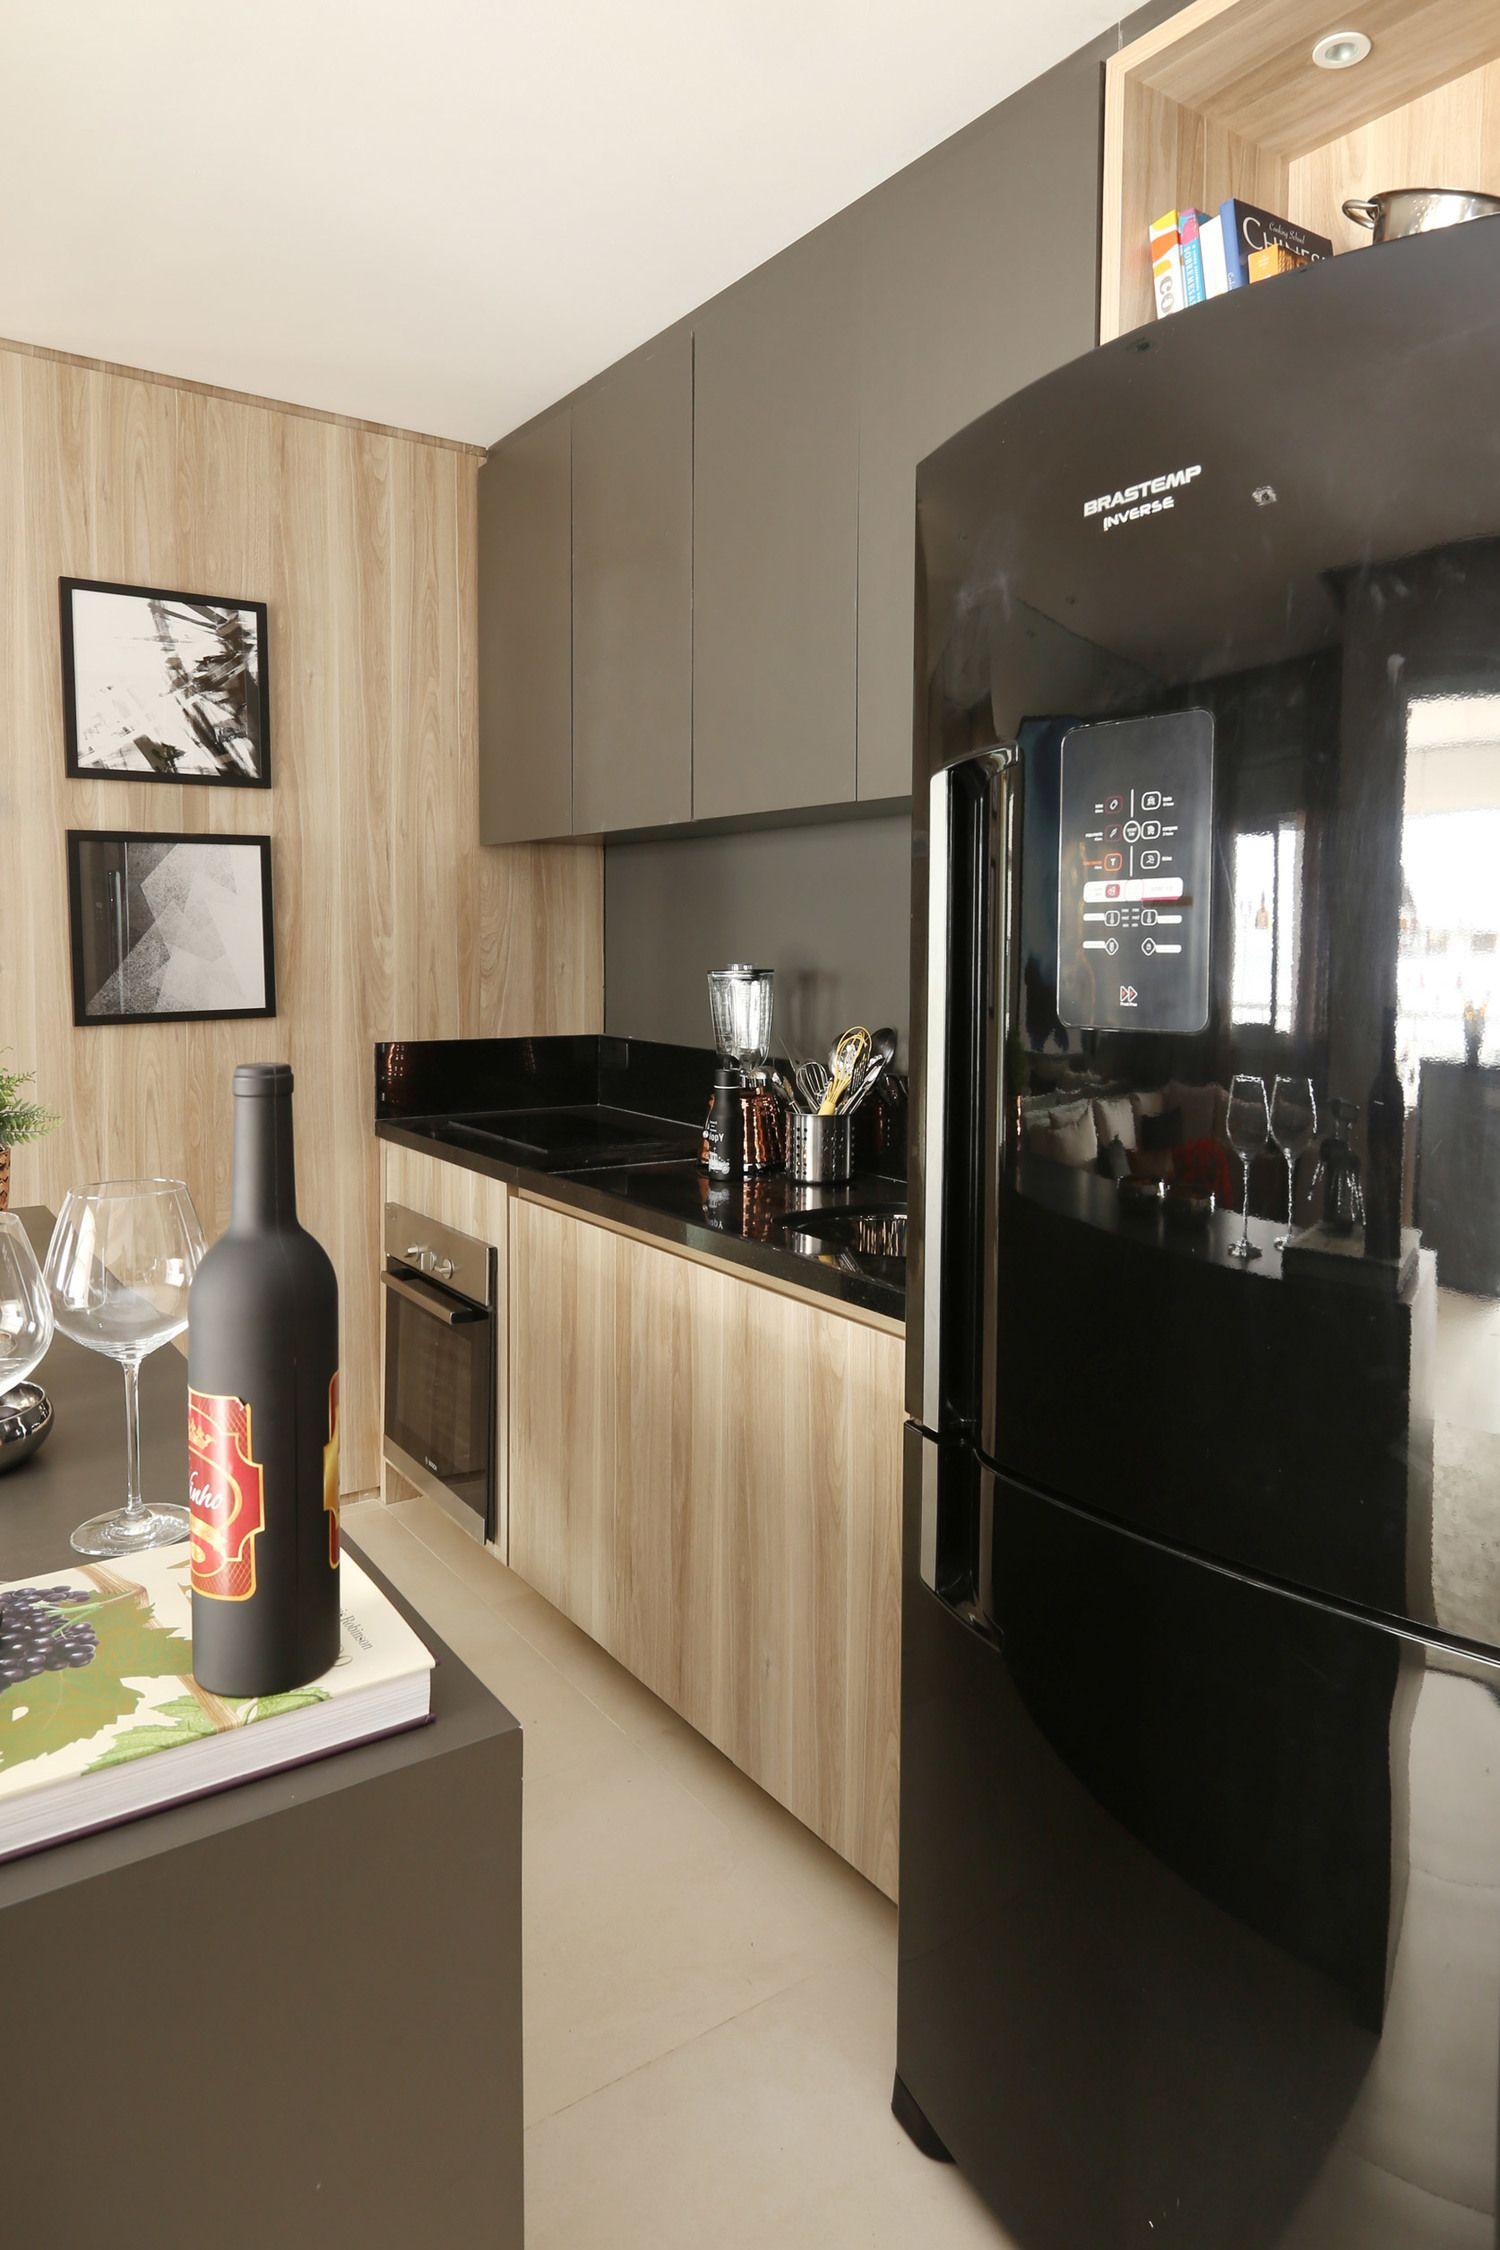 02_cozinha Img_4339 1 Jpg Casa Pinterest Cozinha Cozinha